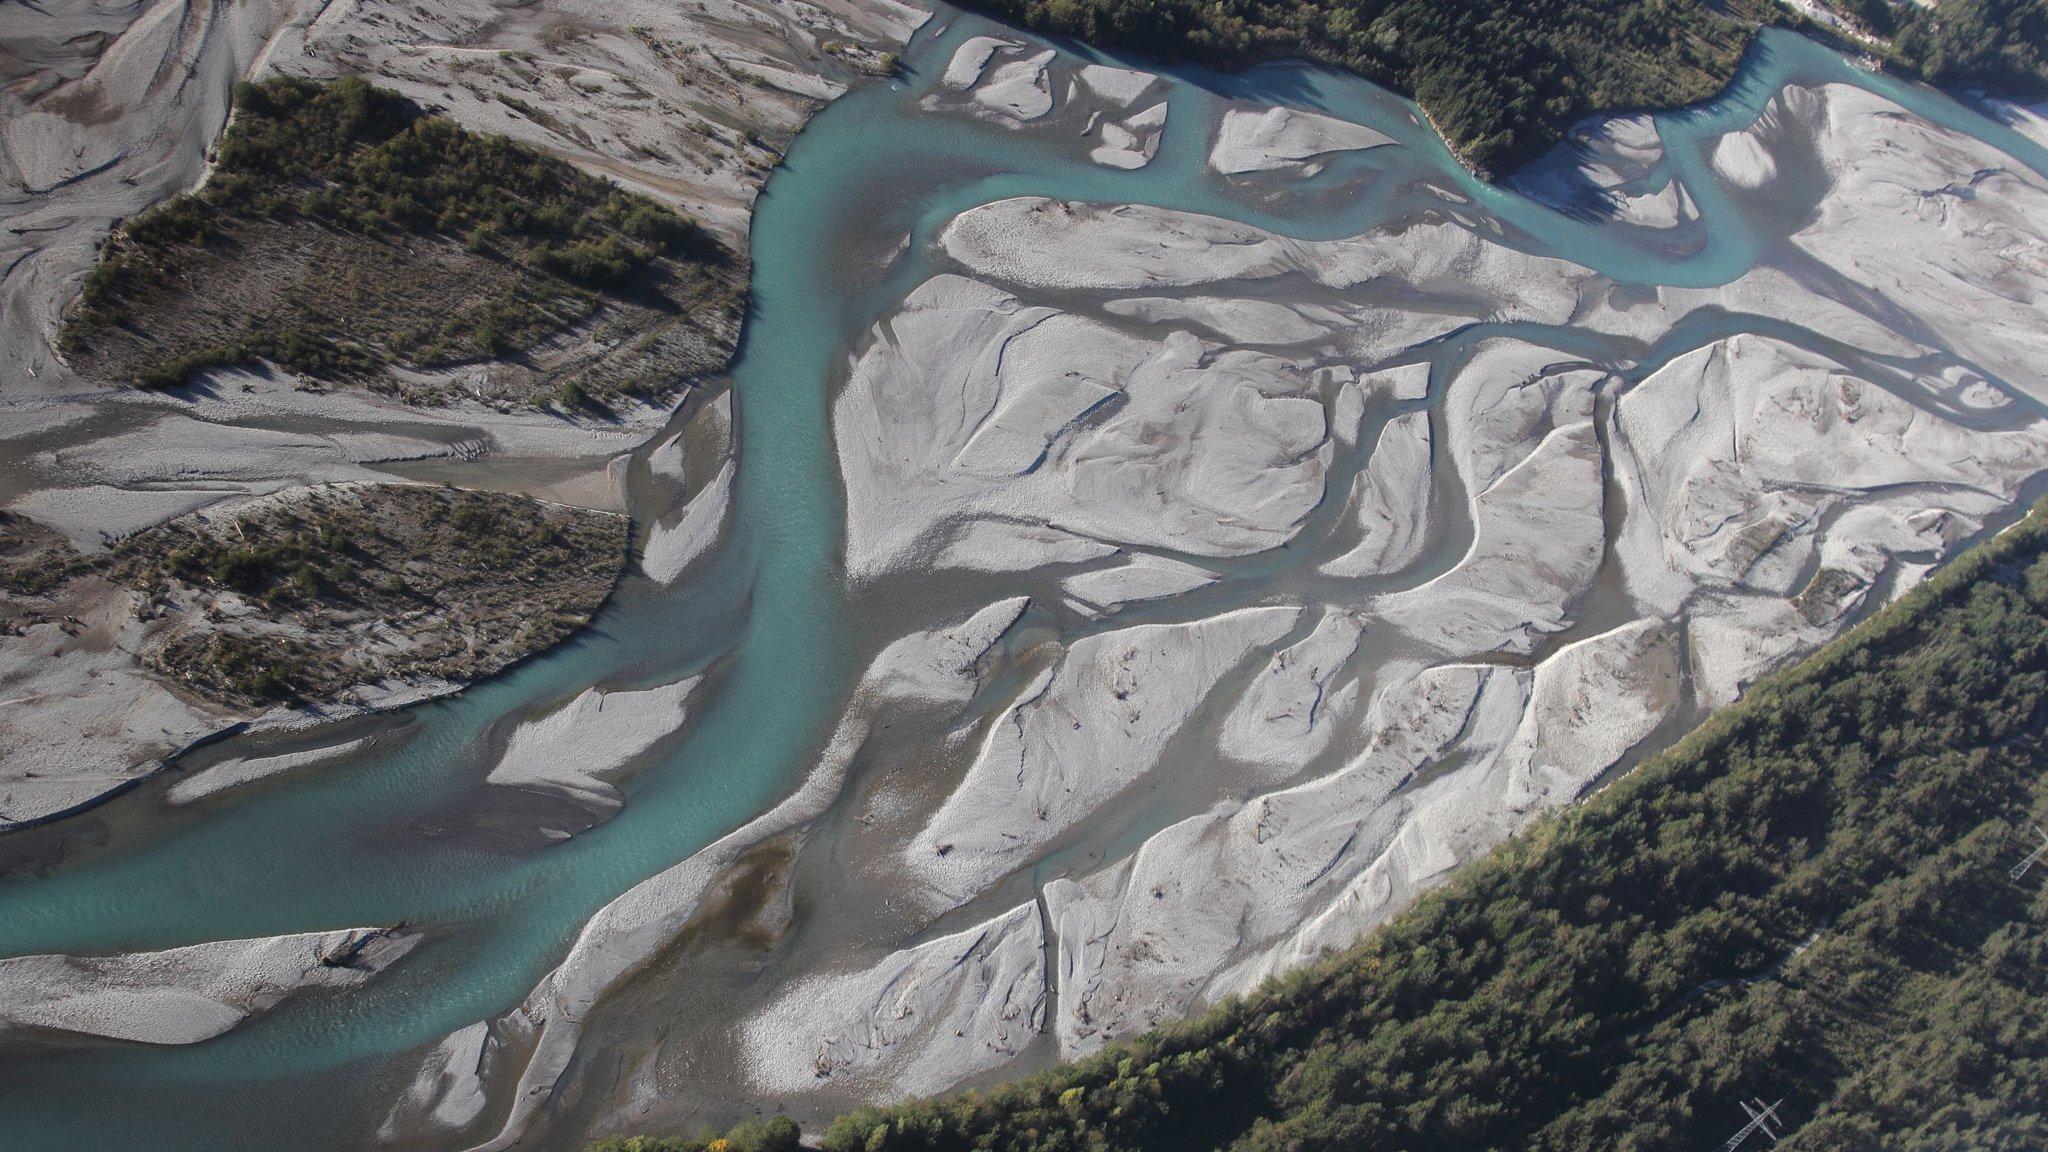 Fluss Tiroler Lech aus dem Flugzeug fotografiert. Schotterbänke und türkises Wasser.